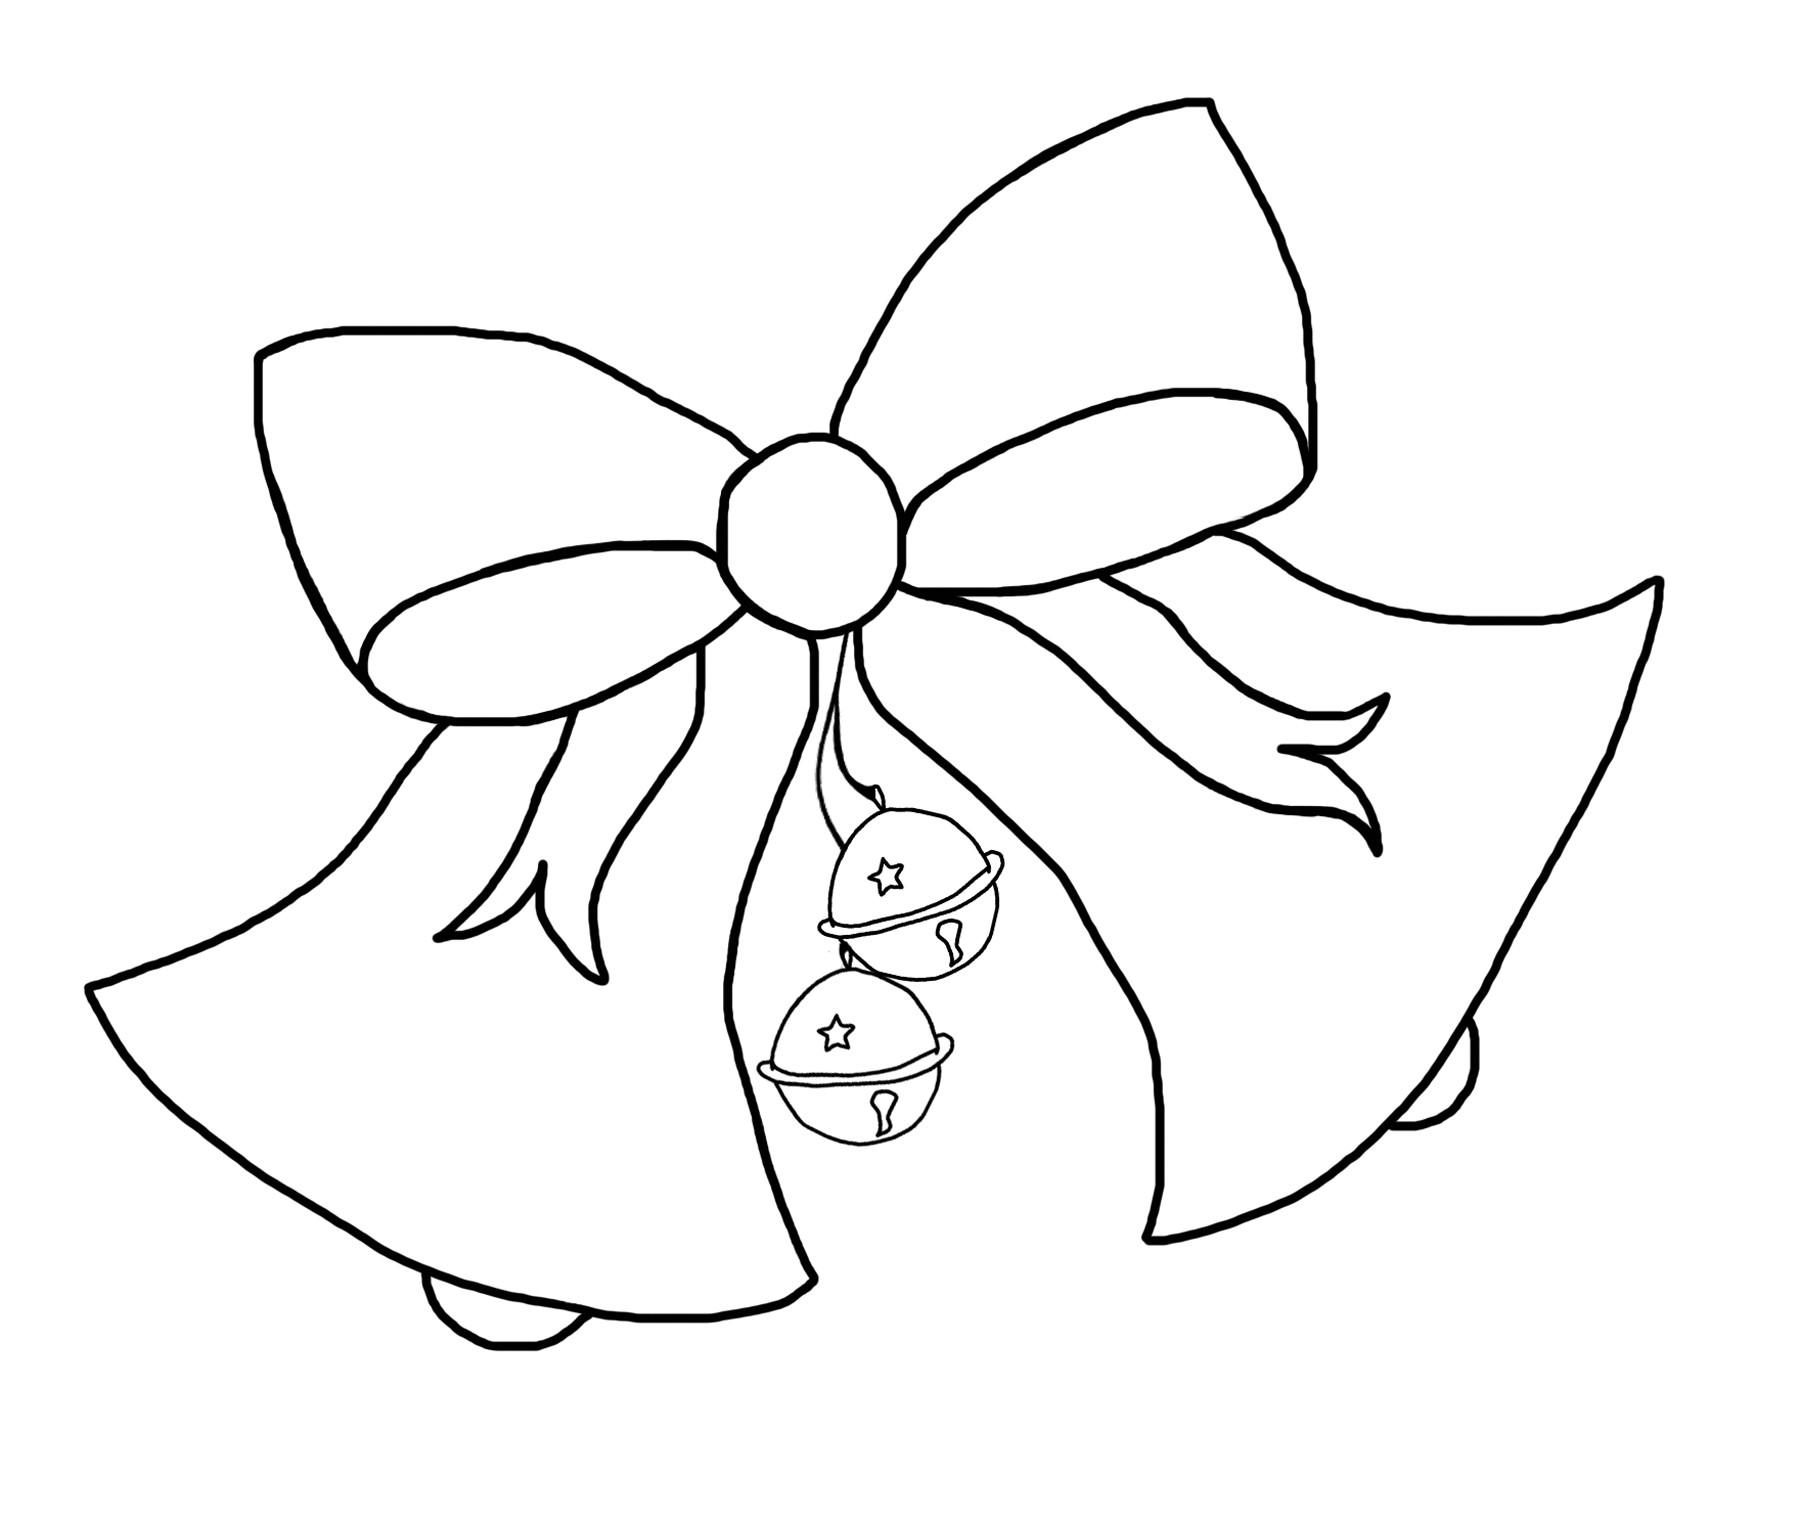 School Bell Drawing At Getdrawings